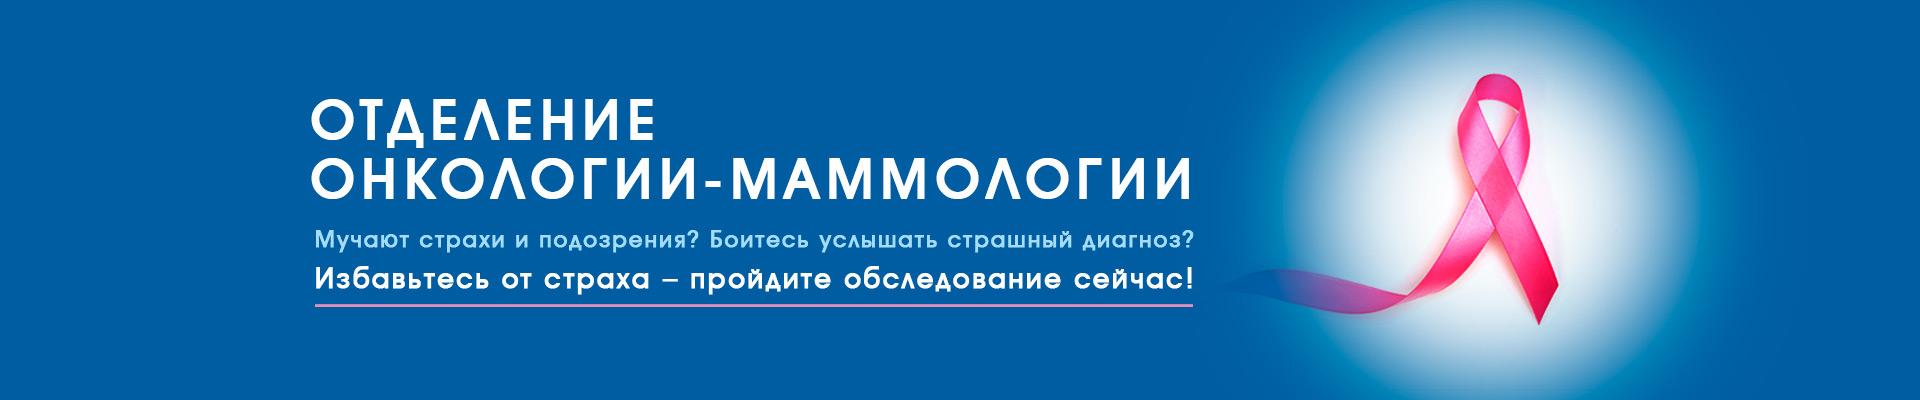 Маммология в Ростове